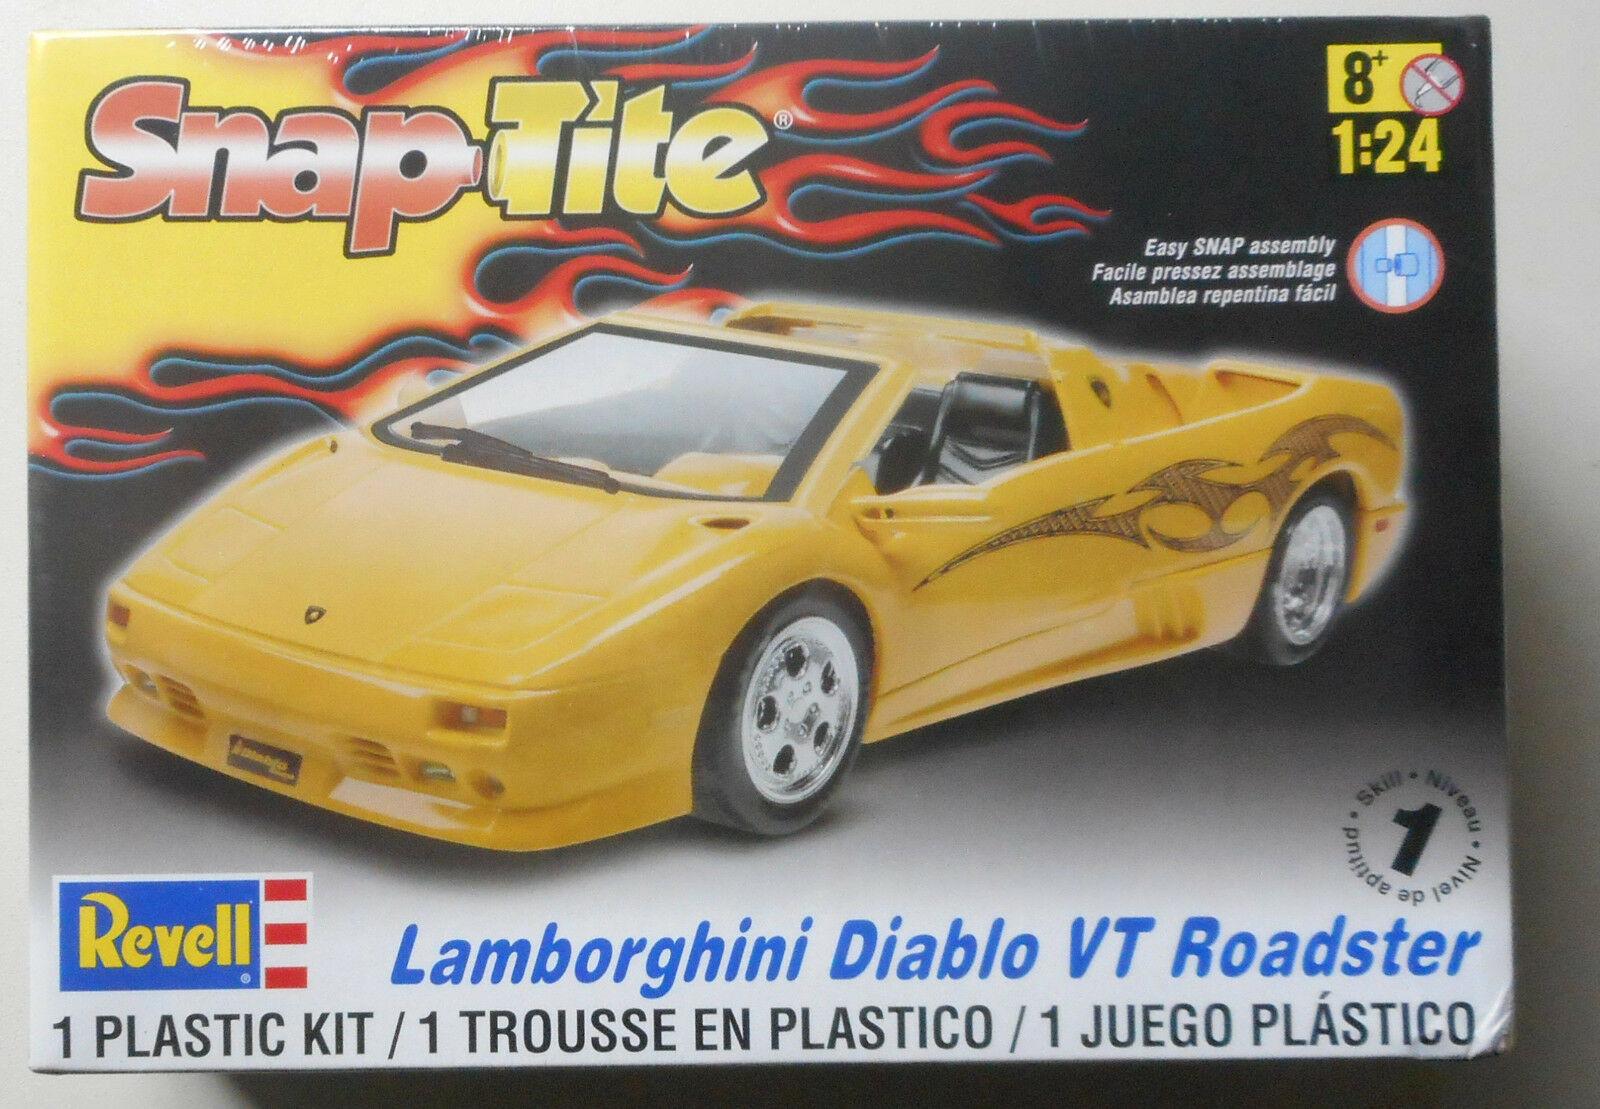 1 24 Lamborghini Diablo Vt Roadster Snap Tite Revell Model Kit Skill